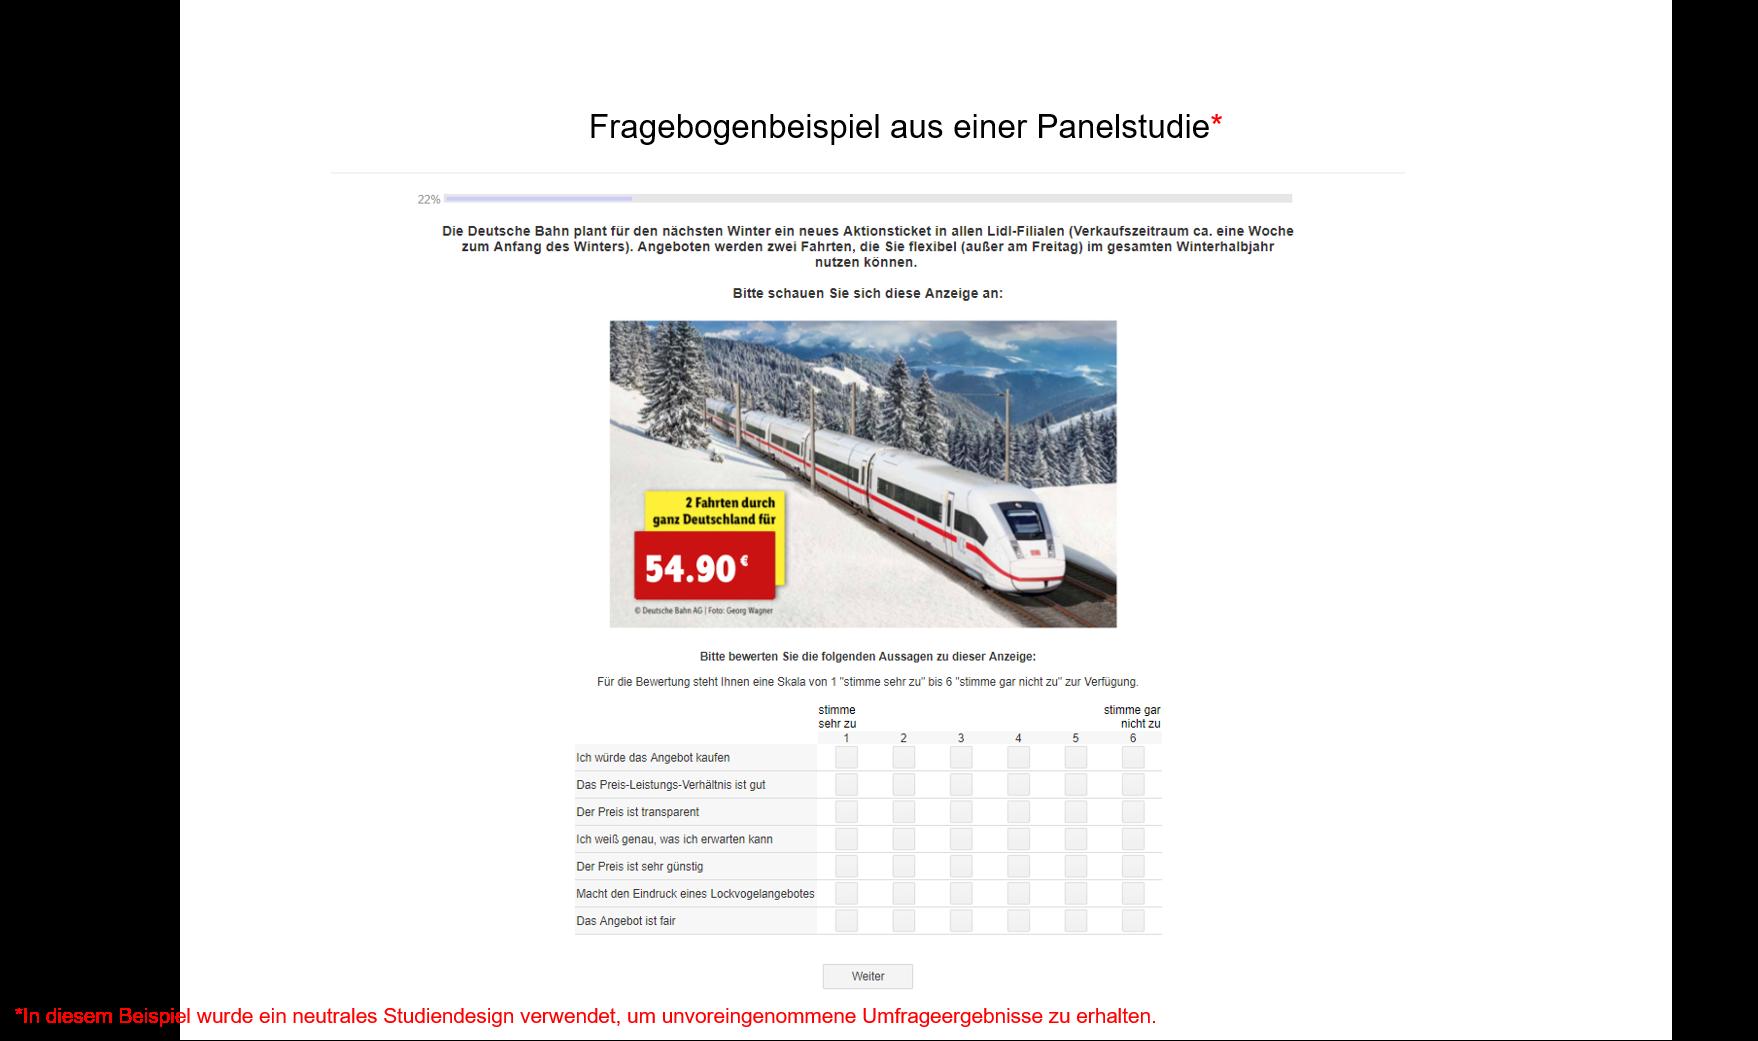 Fragebogenbeispiel aus Panelstudie Deutsche Bahn